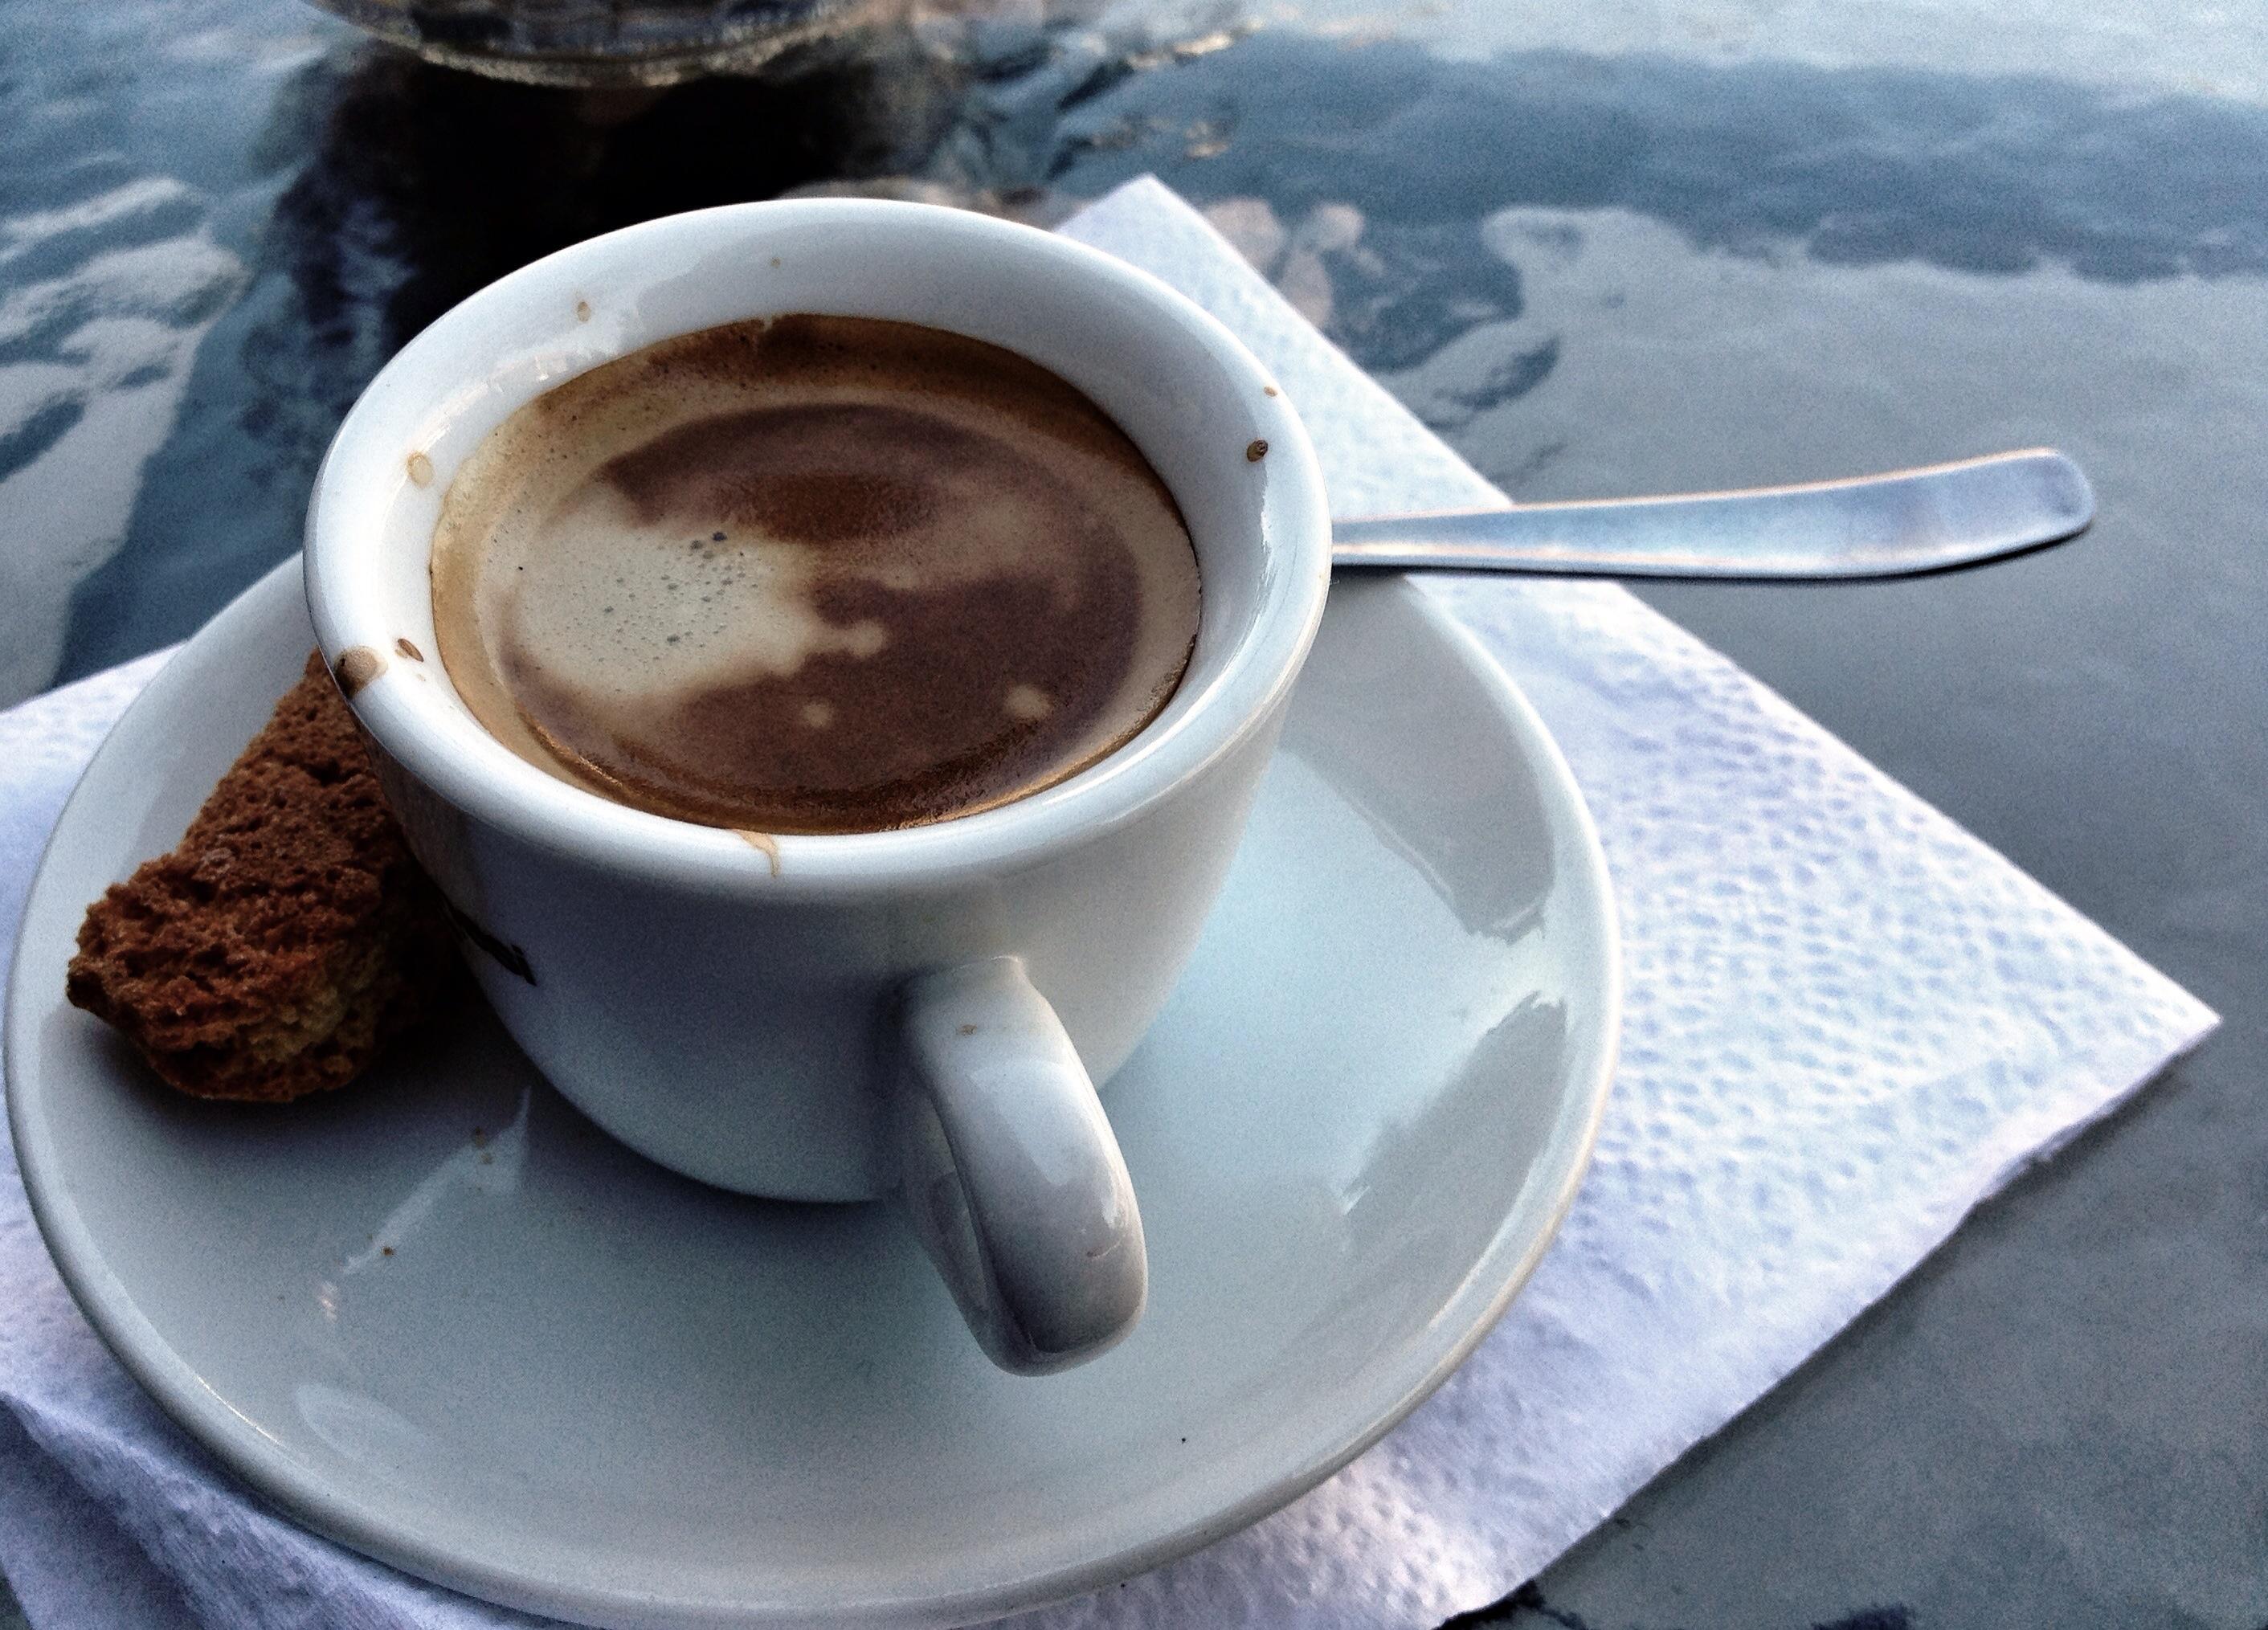 Смотреть картинка с чашкой кофе